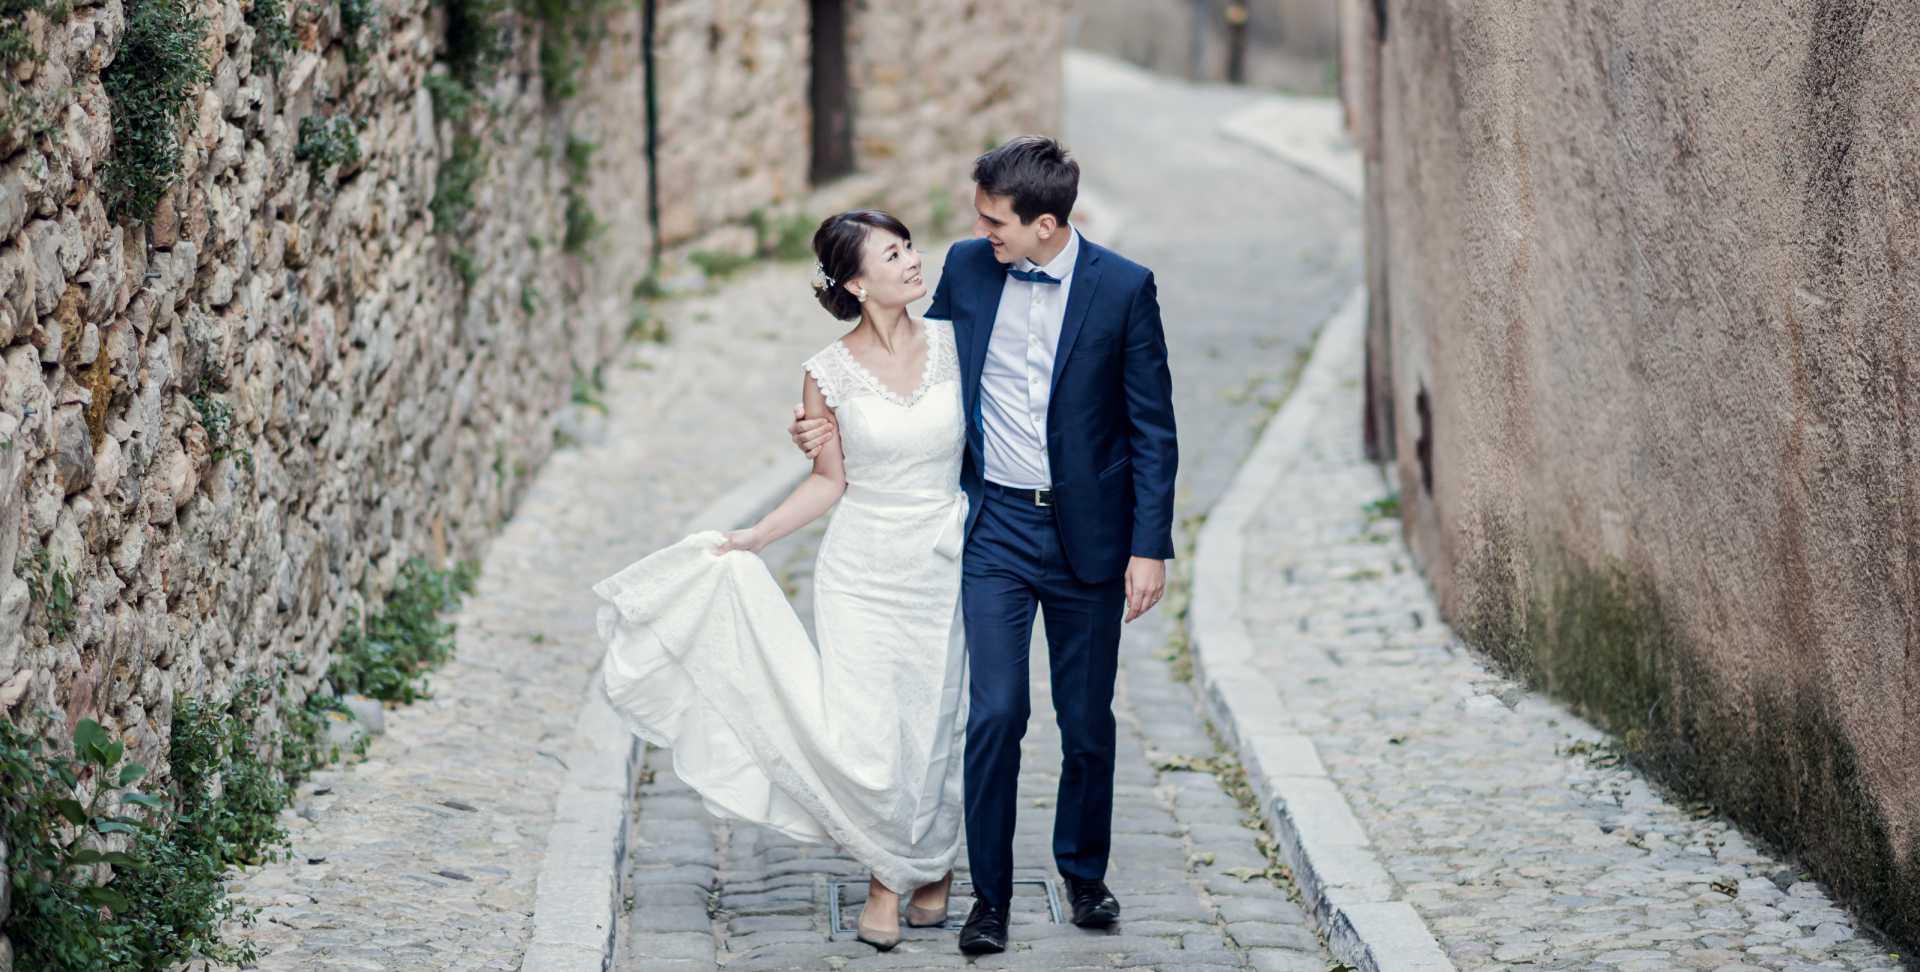 photo de mariage par photographe professionnel montrant les 2 mariés dans une petite ruelle